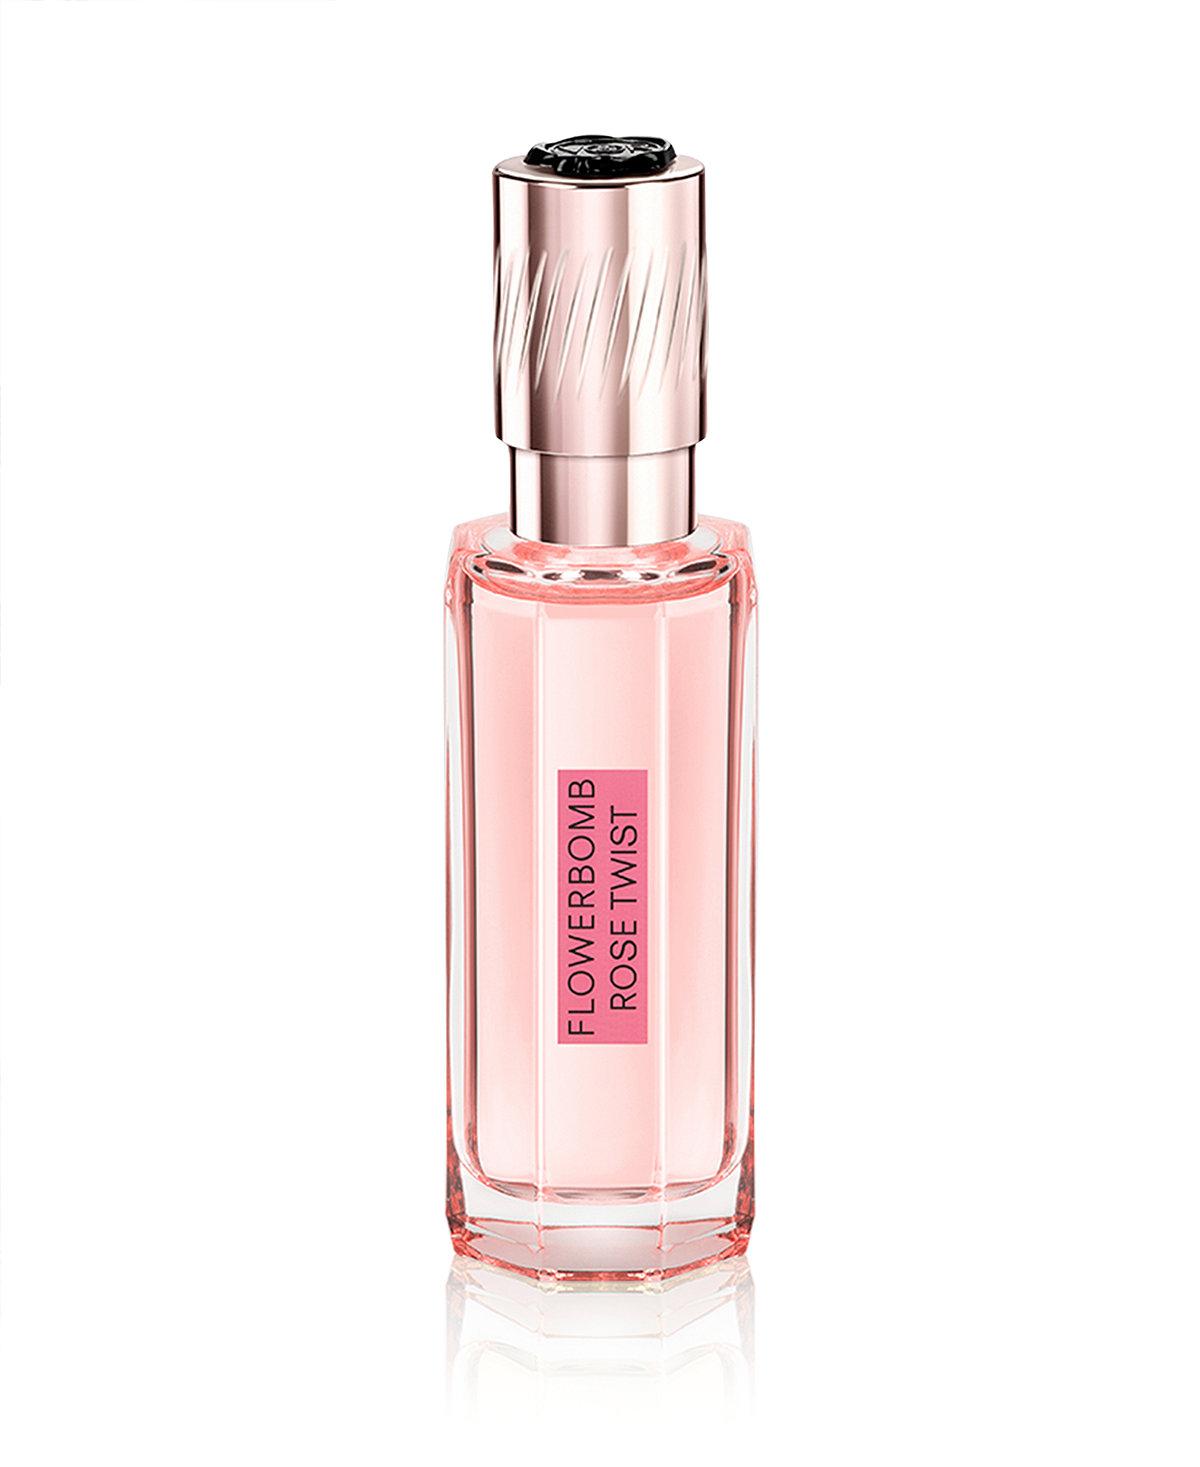 Flower Twist Rose Viktor&Rolf perfume a new fragrance for women 2017